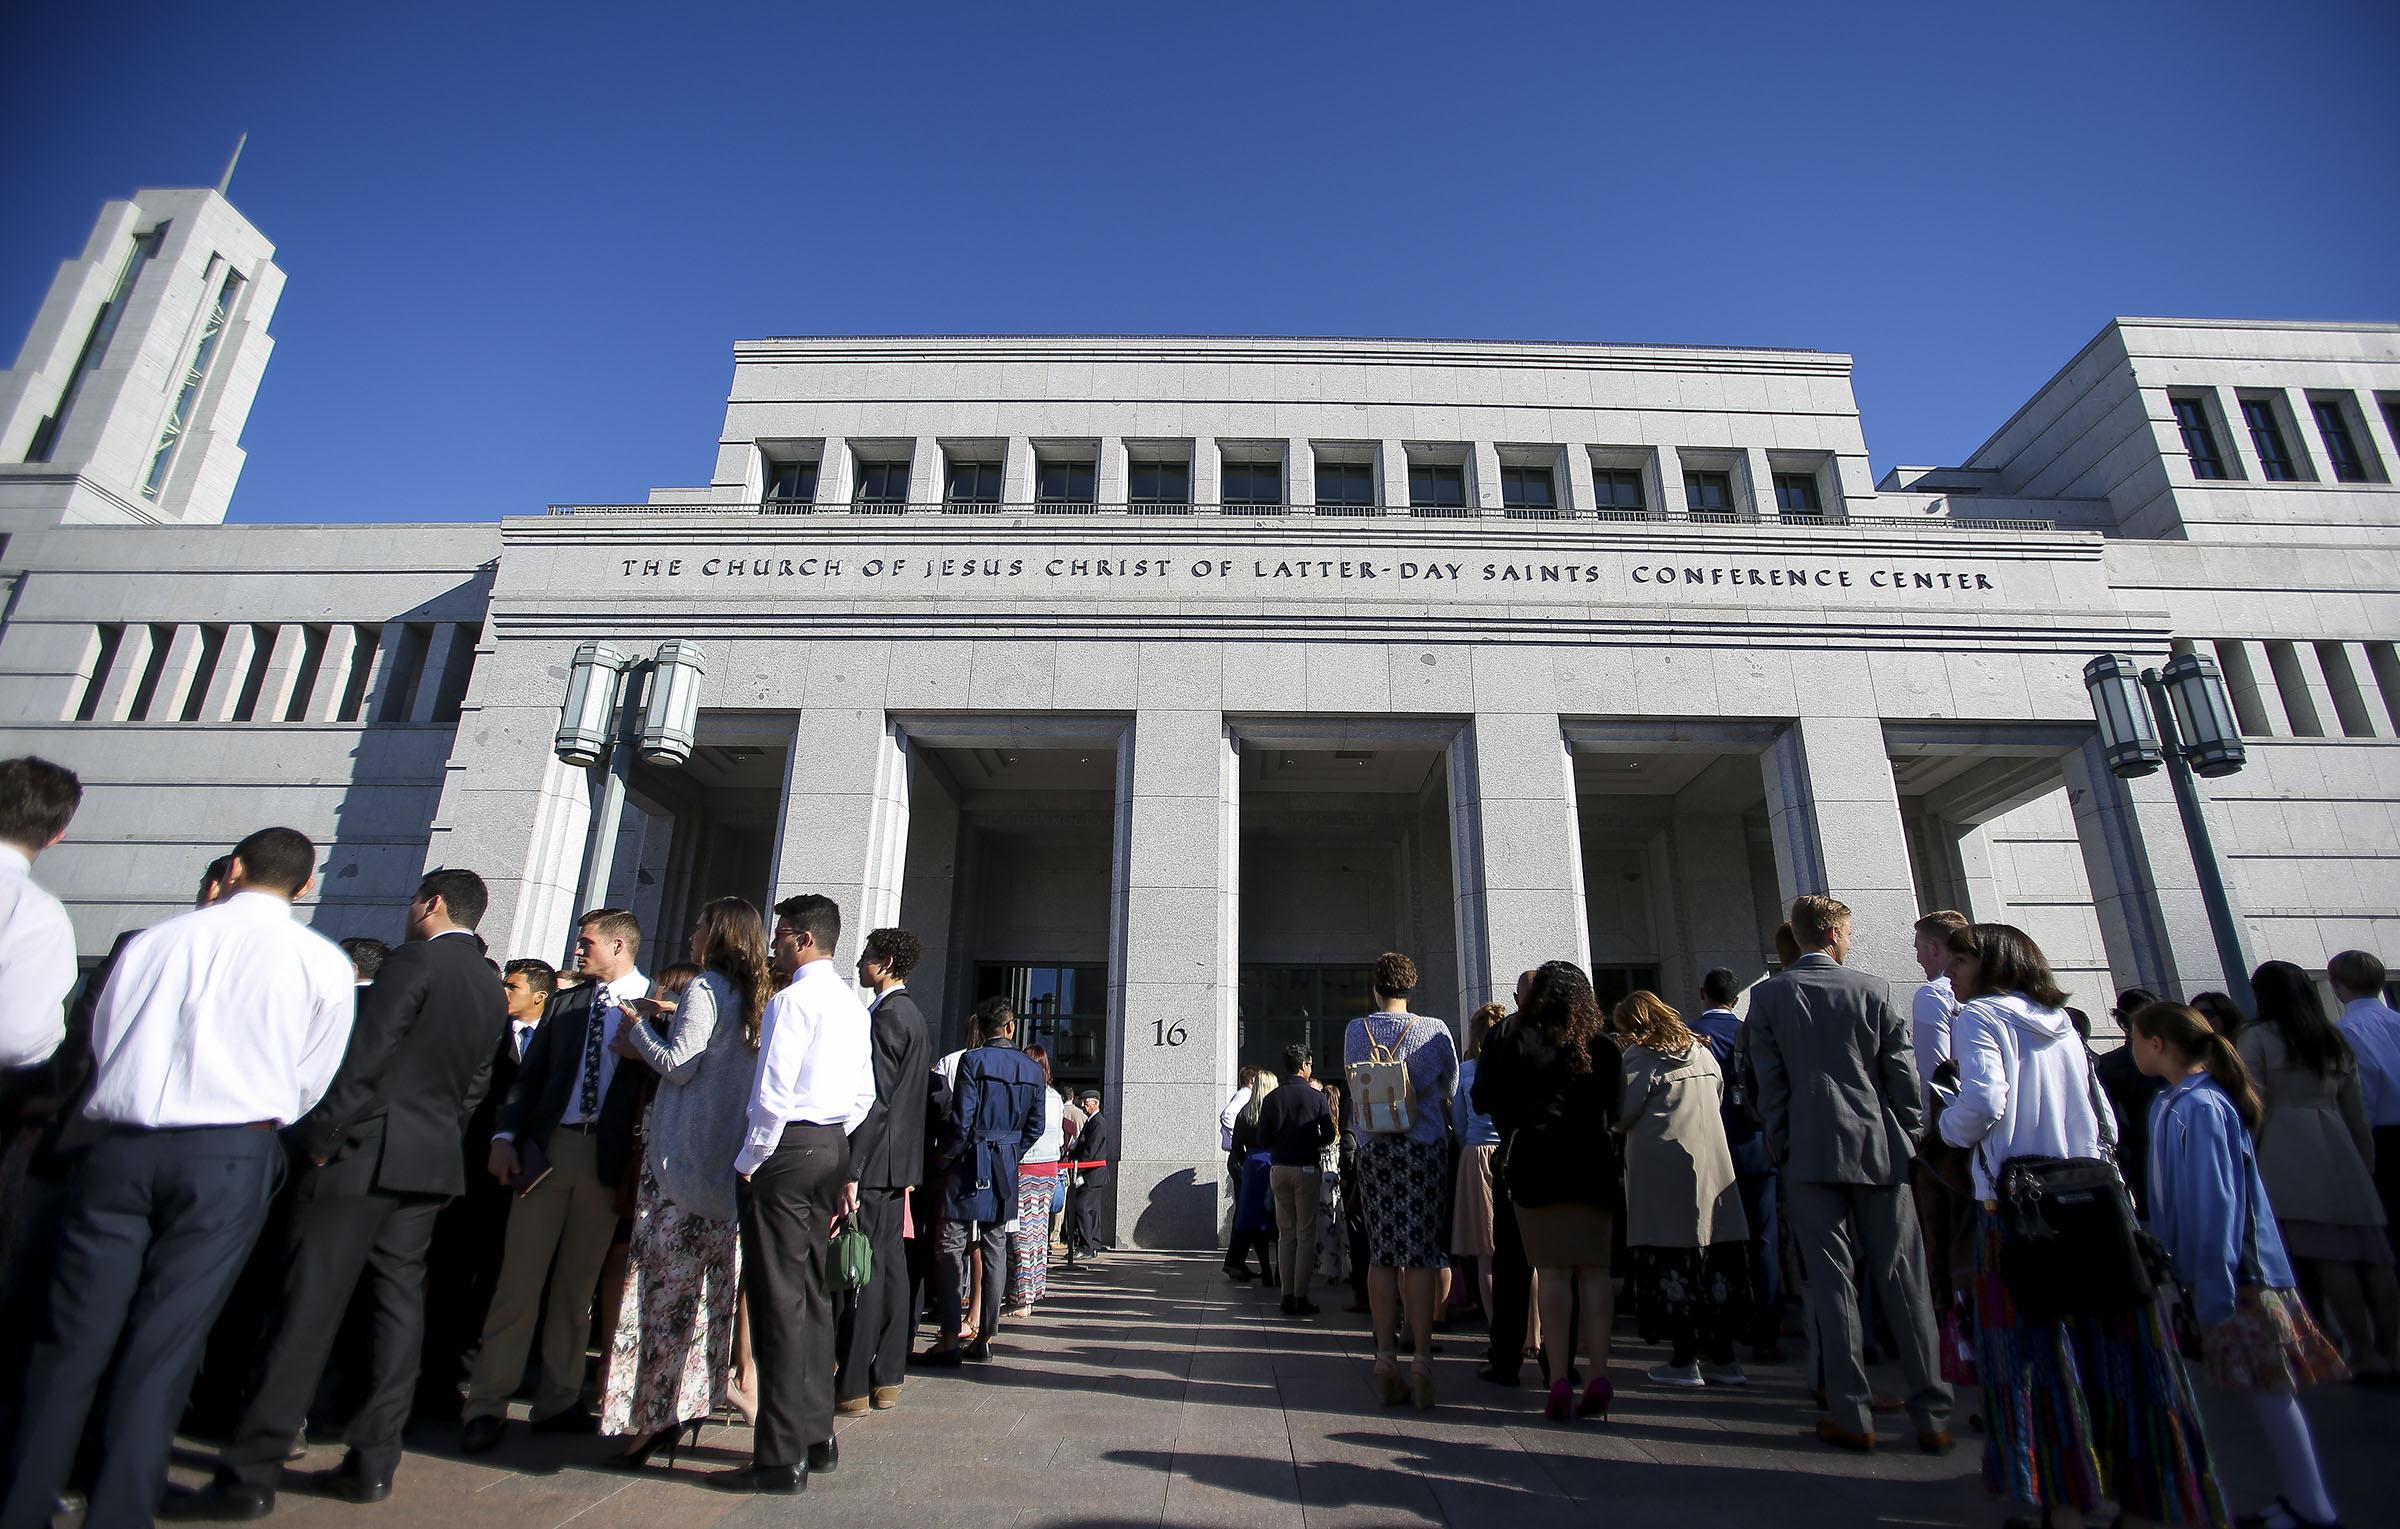 Los asistentes entran al Centro de Conferencias para la sesión de sábado por la mañana de la 187 Conferencia Anual de La Iglesia de Jesucristo de los Santos de los Últimos Días, el 1 de abril de 2017.